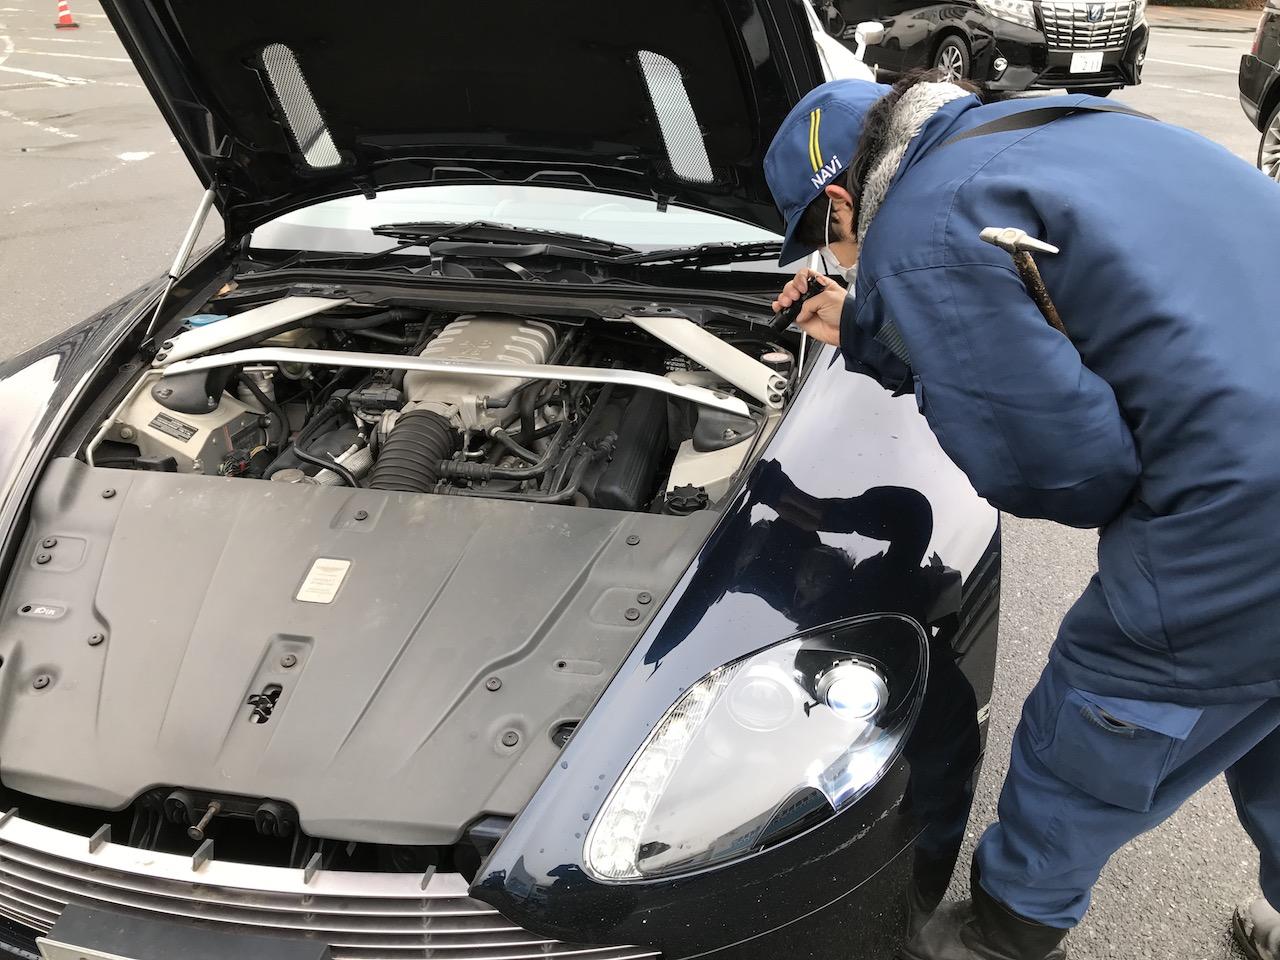 ユーザー車検が簡単過ぎて驚いた!品川陸運局で車の車検を通すまでの流れ